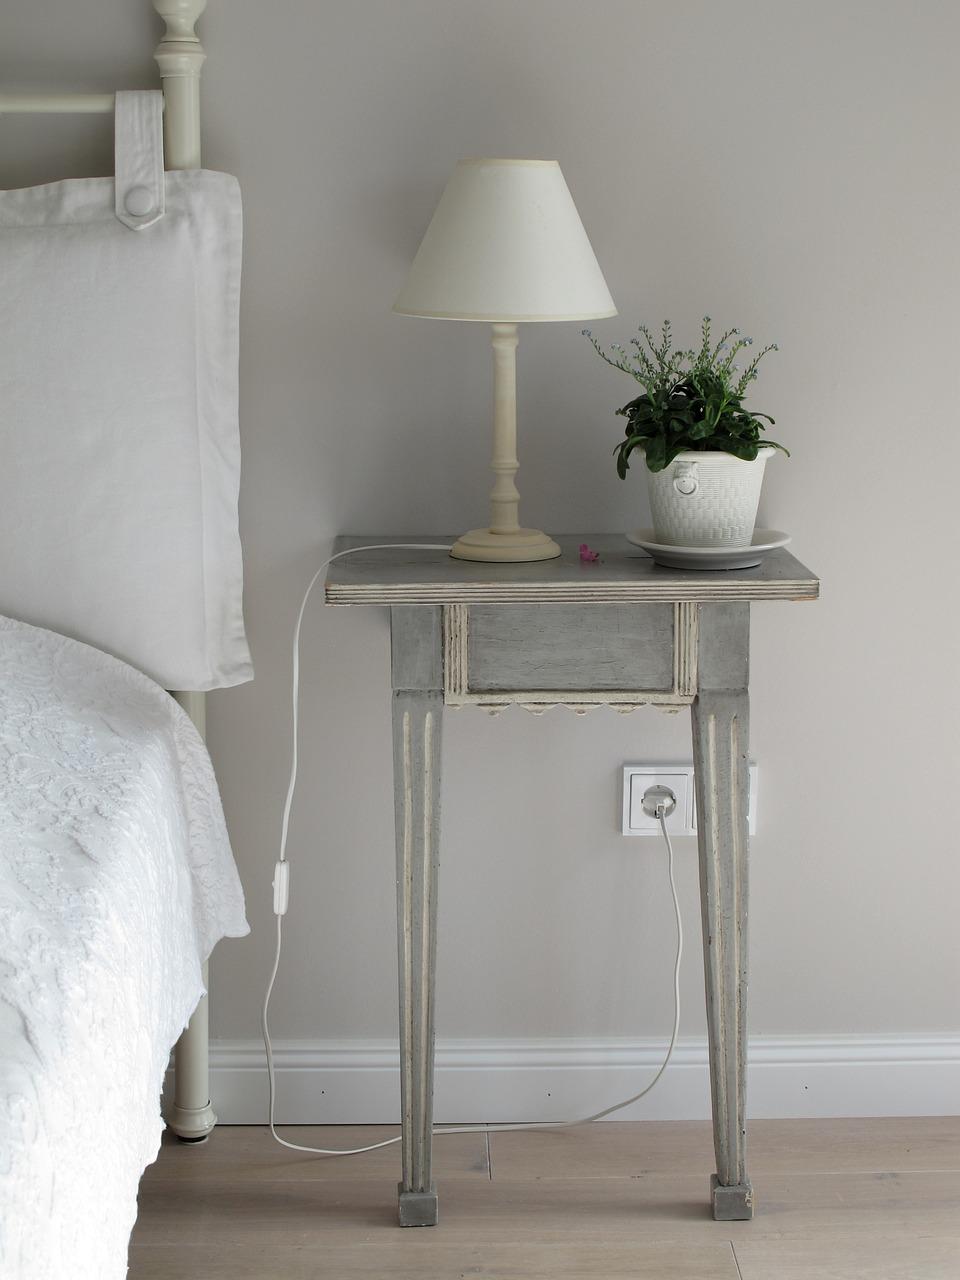 Ideas plantas dormitorio 10 - Plantas para dormitorio ...